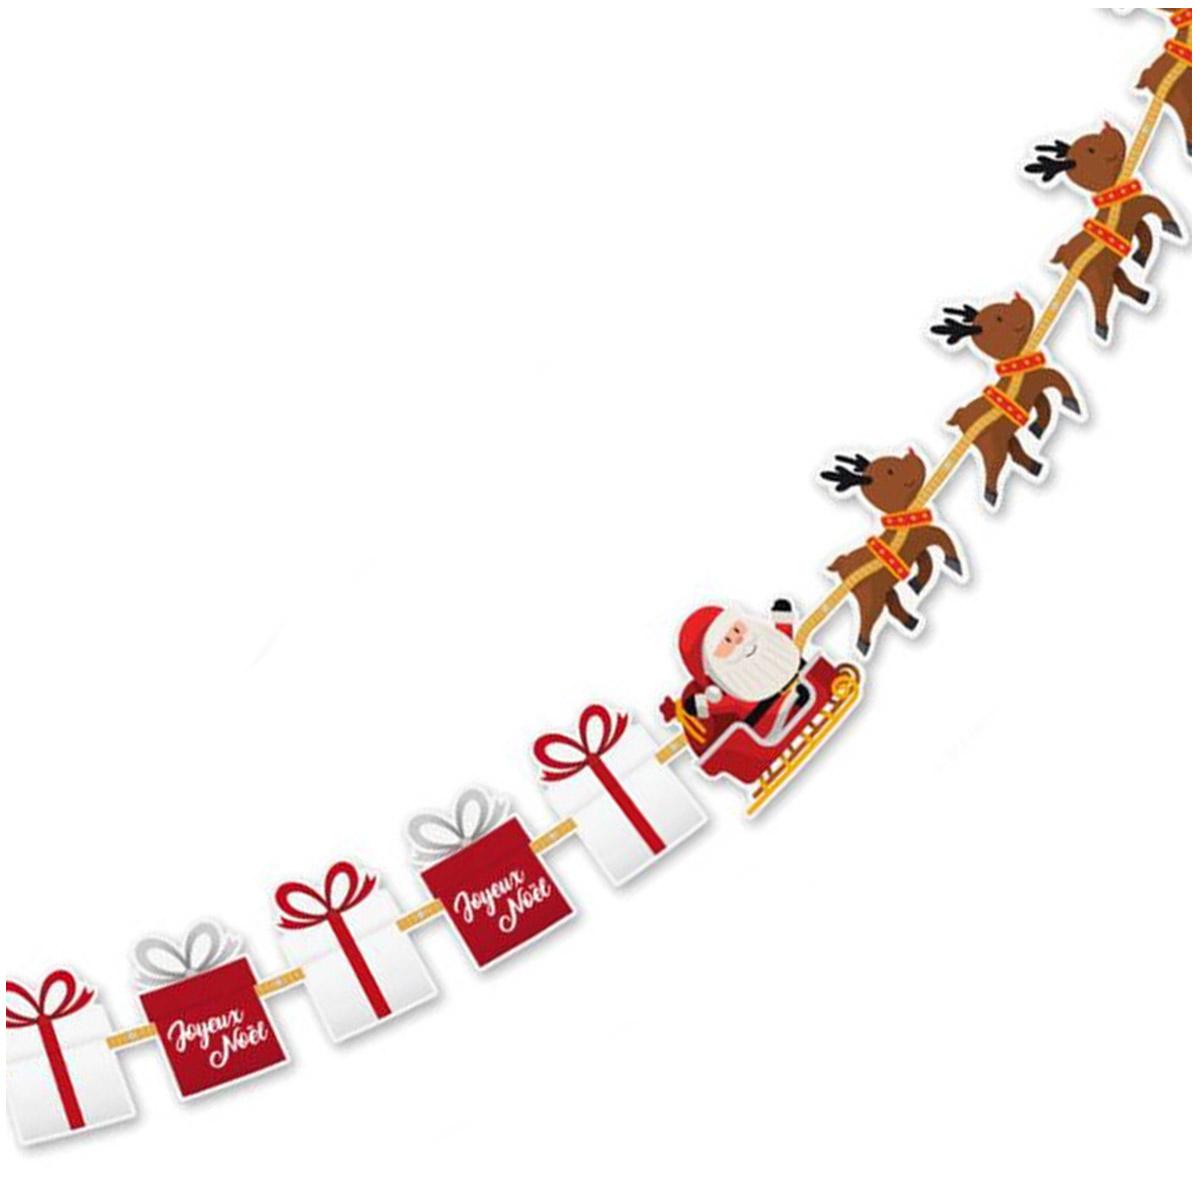 Guirlande \'Joyeux Noël\' (cadeaux, père noël, rennes) - 22 m 25 cm - [Q3560]